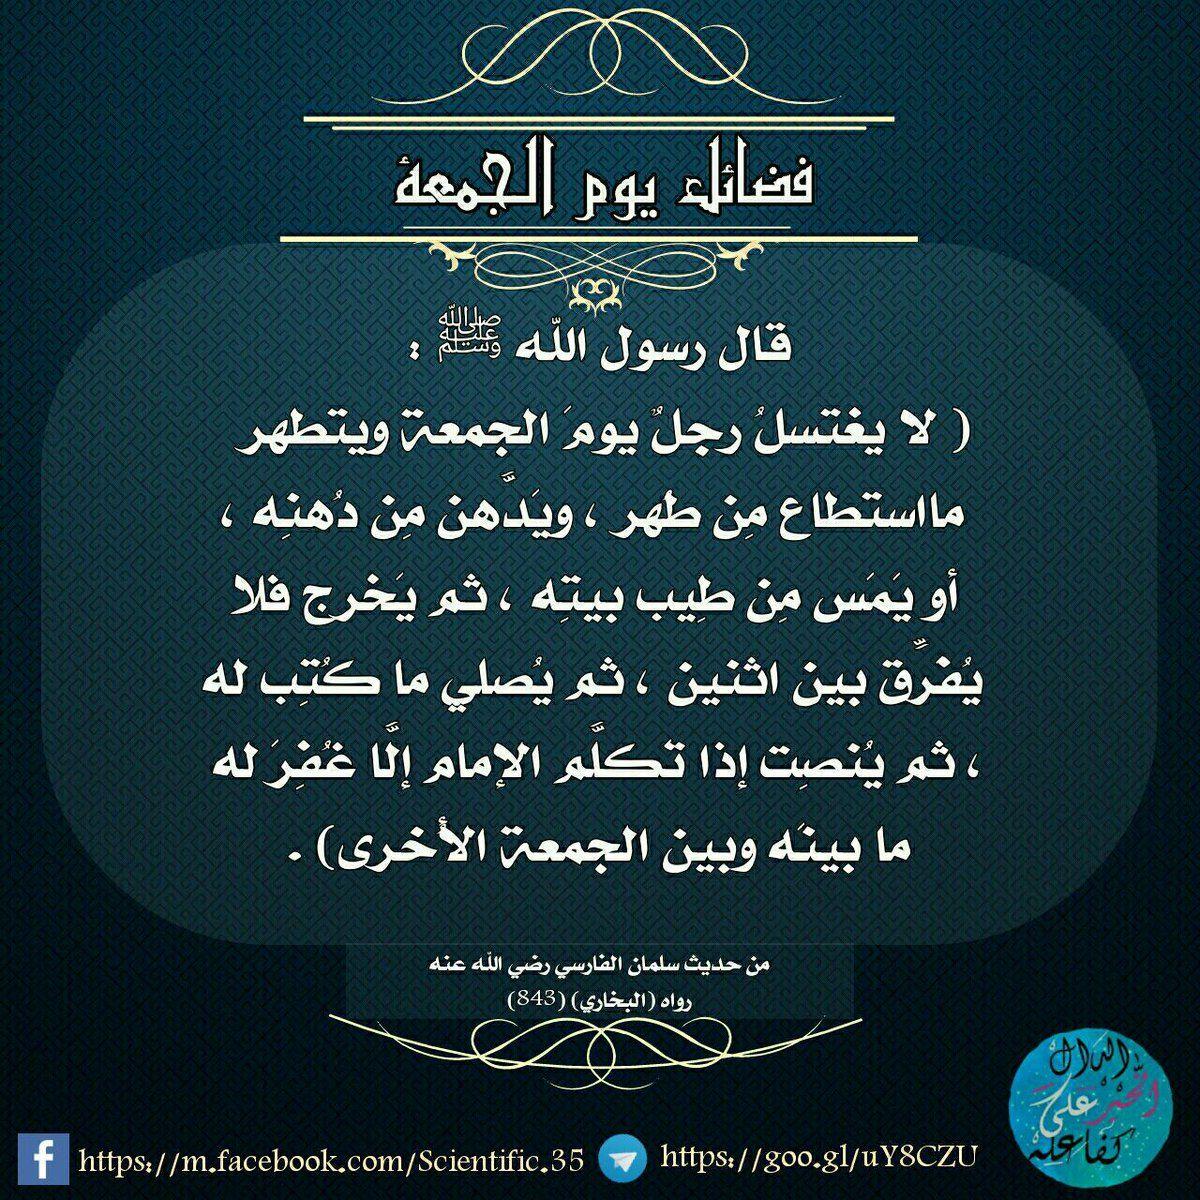 فضل يوم الجمعة Positive Quotes Quran Quotes Quotes